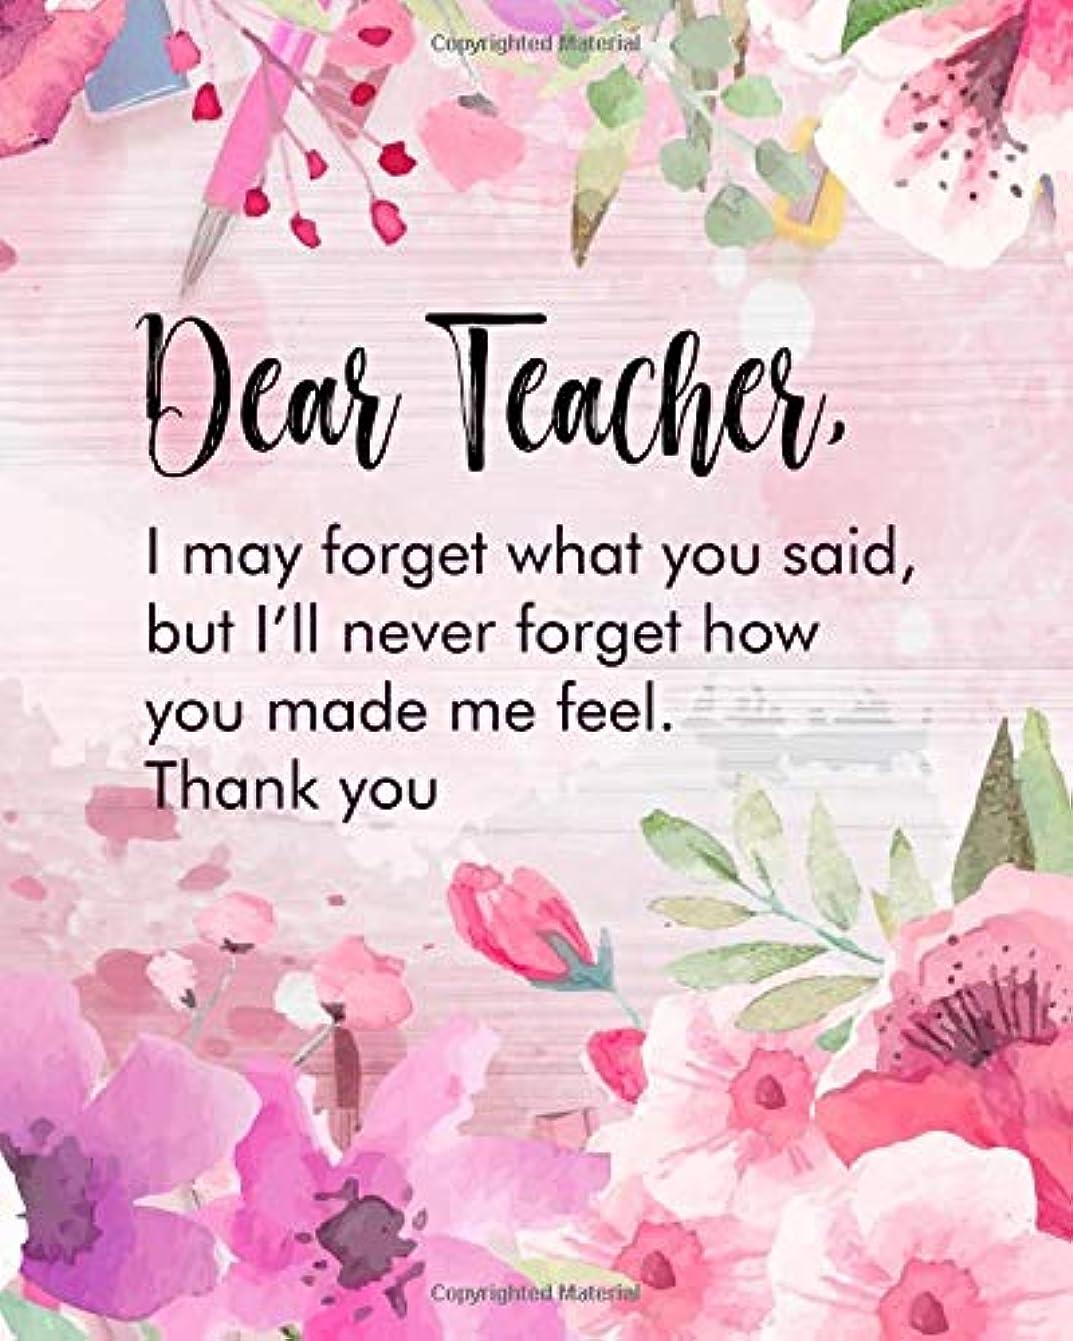 交差点骨の折れる聖人Dear teacher, I may forget what you said, but I'll never forget how you made me feel. Thank you: Ultimate Teacher's Planner and organizer | Perfect Teacher's appreciation gift for end or beginning of school year.